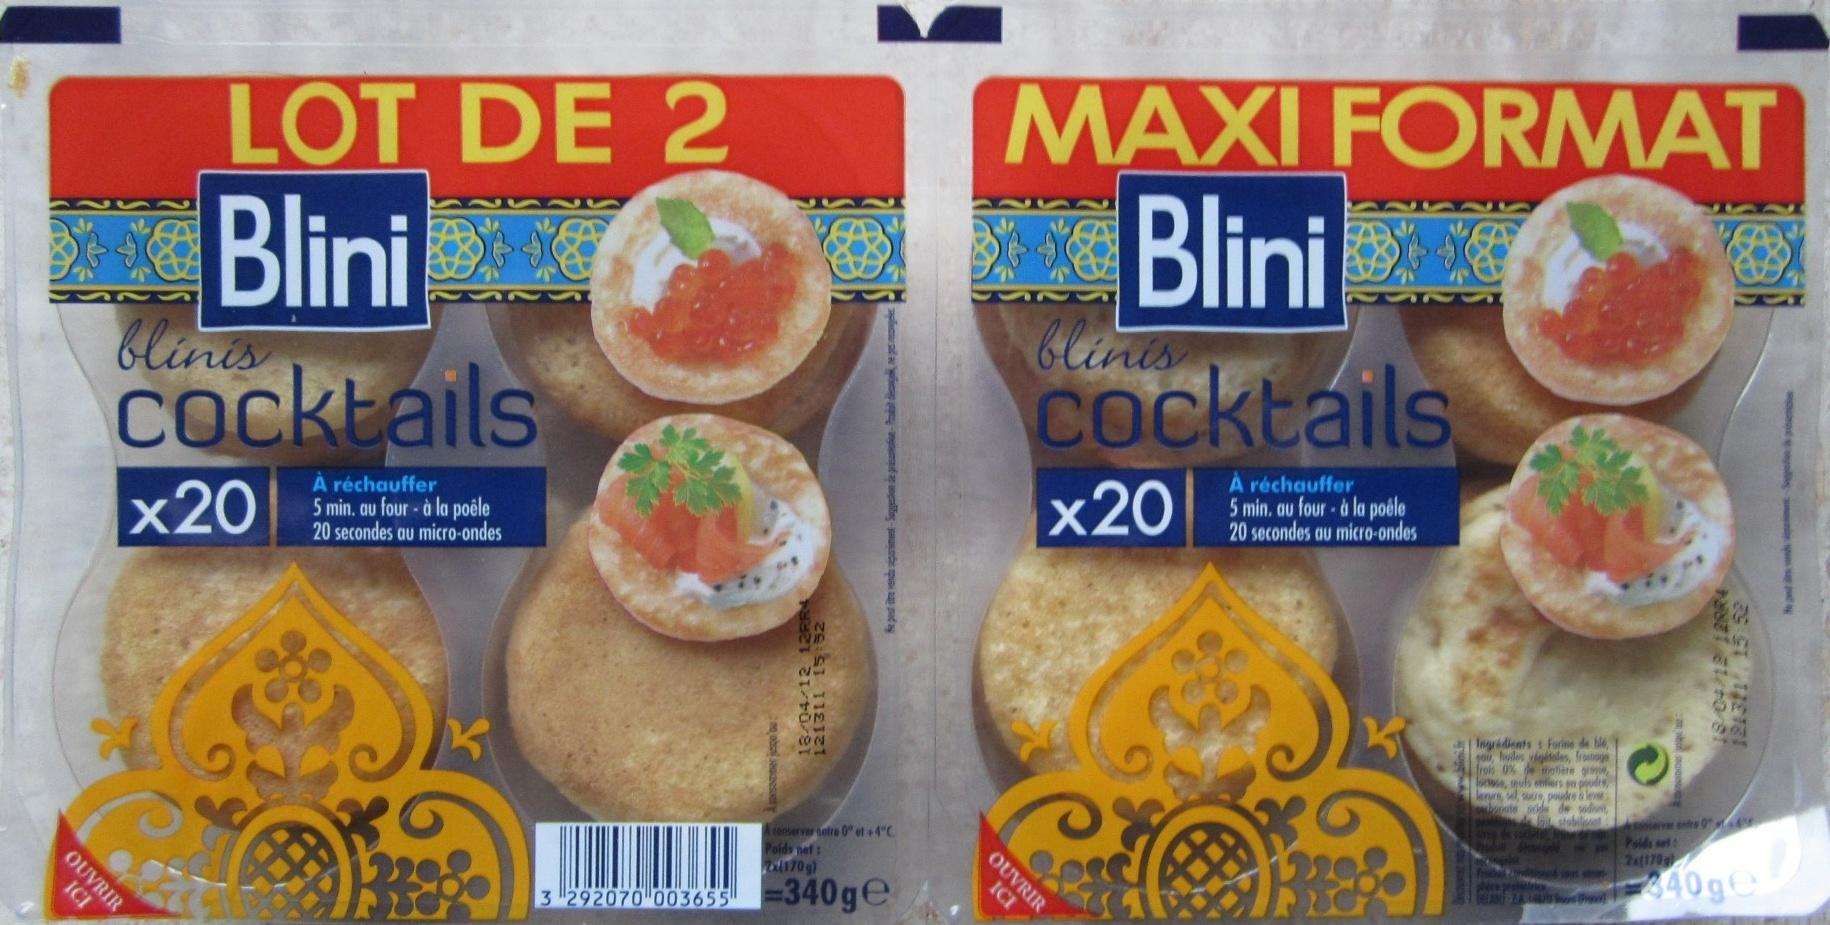 Blinis cocktails - Lot de 2 Maxi Format (x 20) - Product - fr